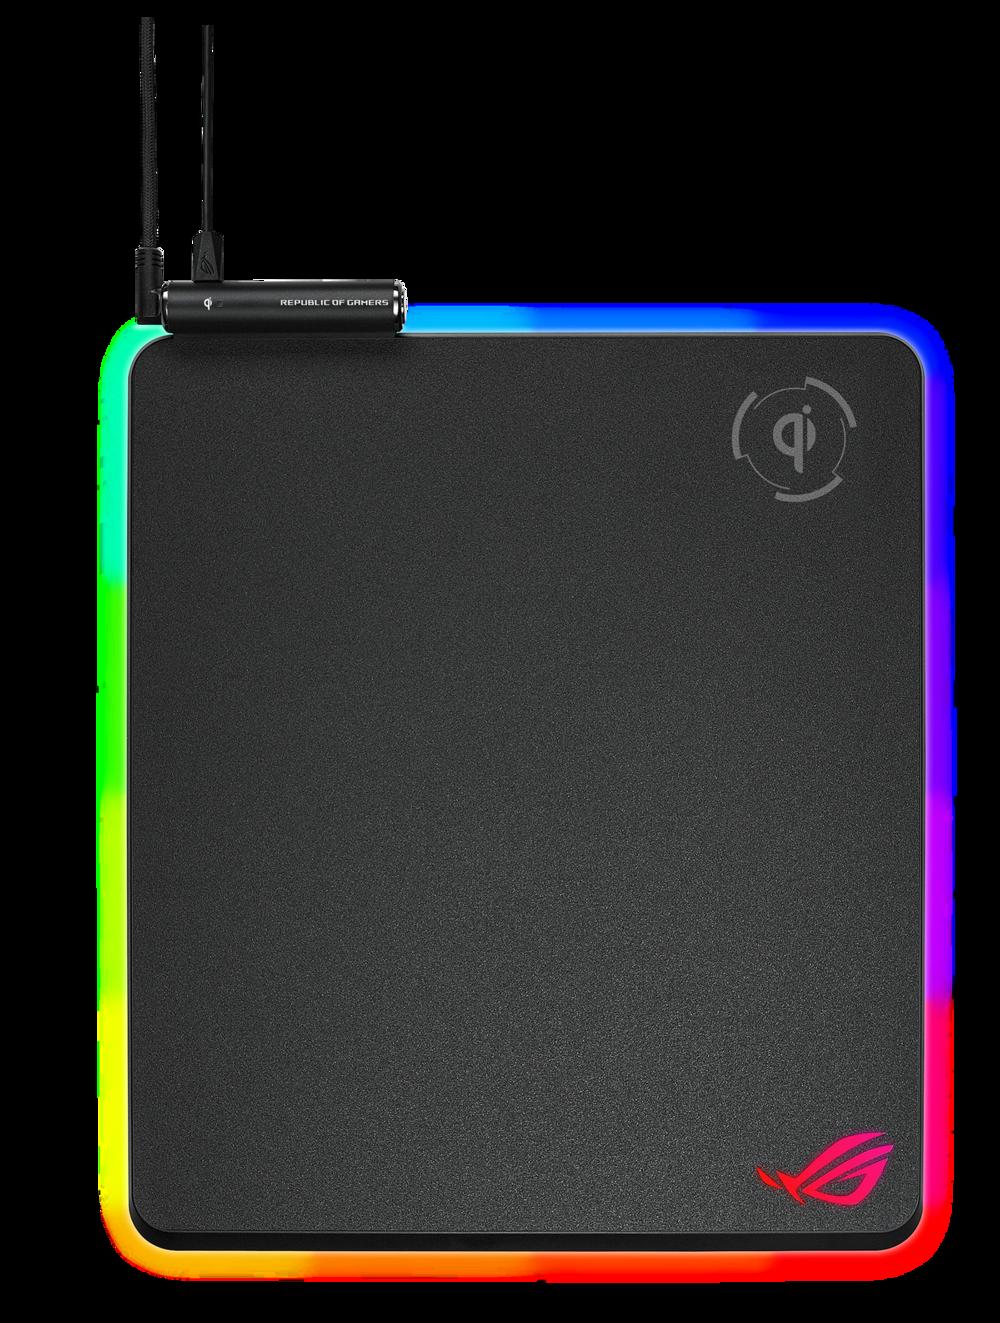 ASUS ROG Balteus QI RGB Gaming-Mauspad